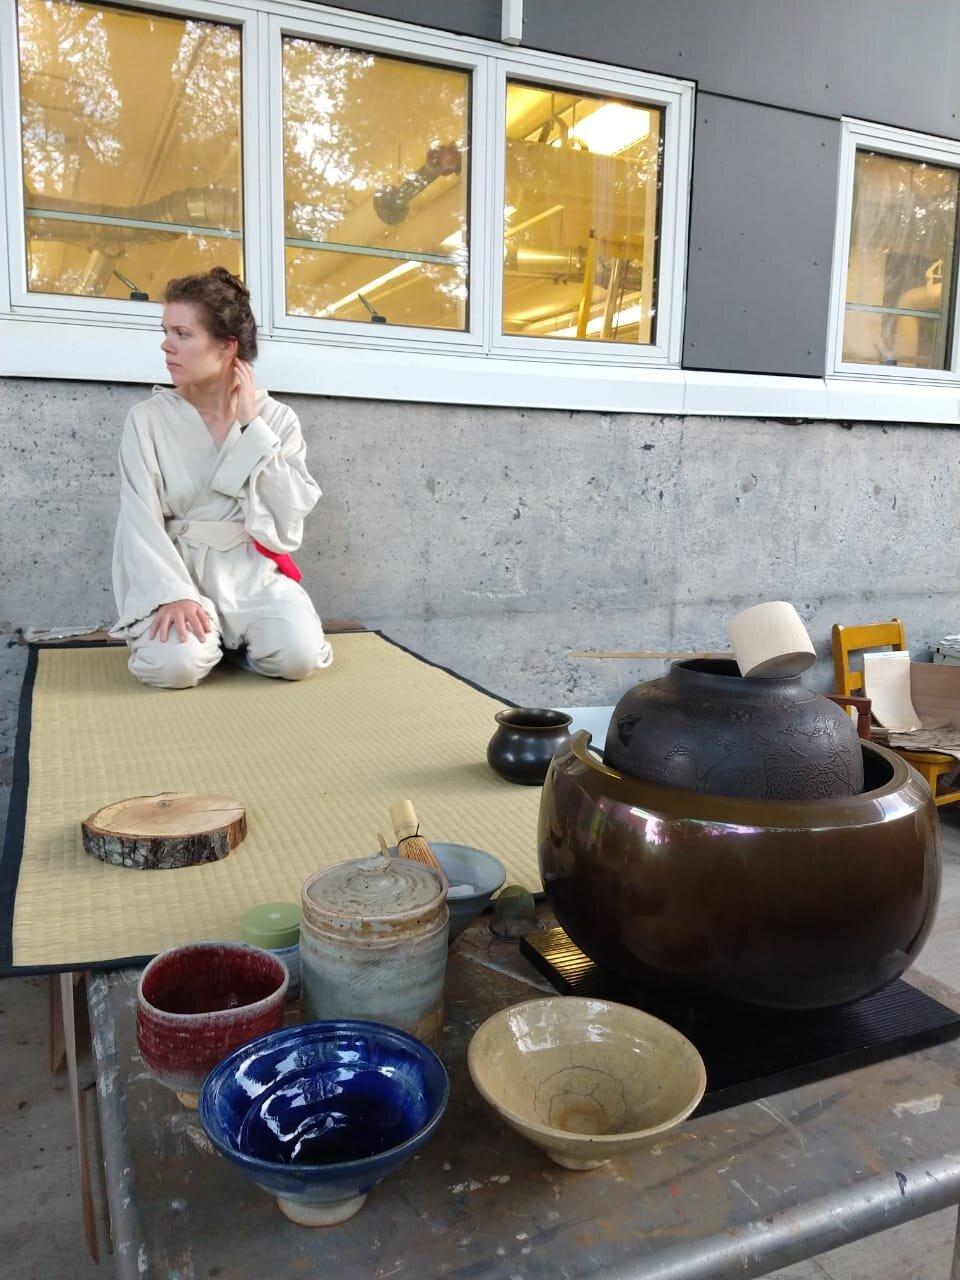 mikaela deighan was tea. made 100 tea cups as well